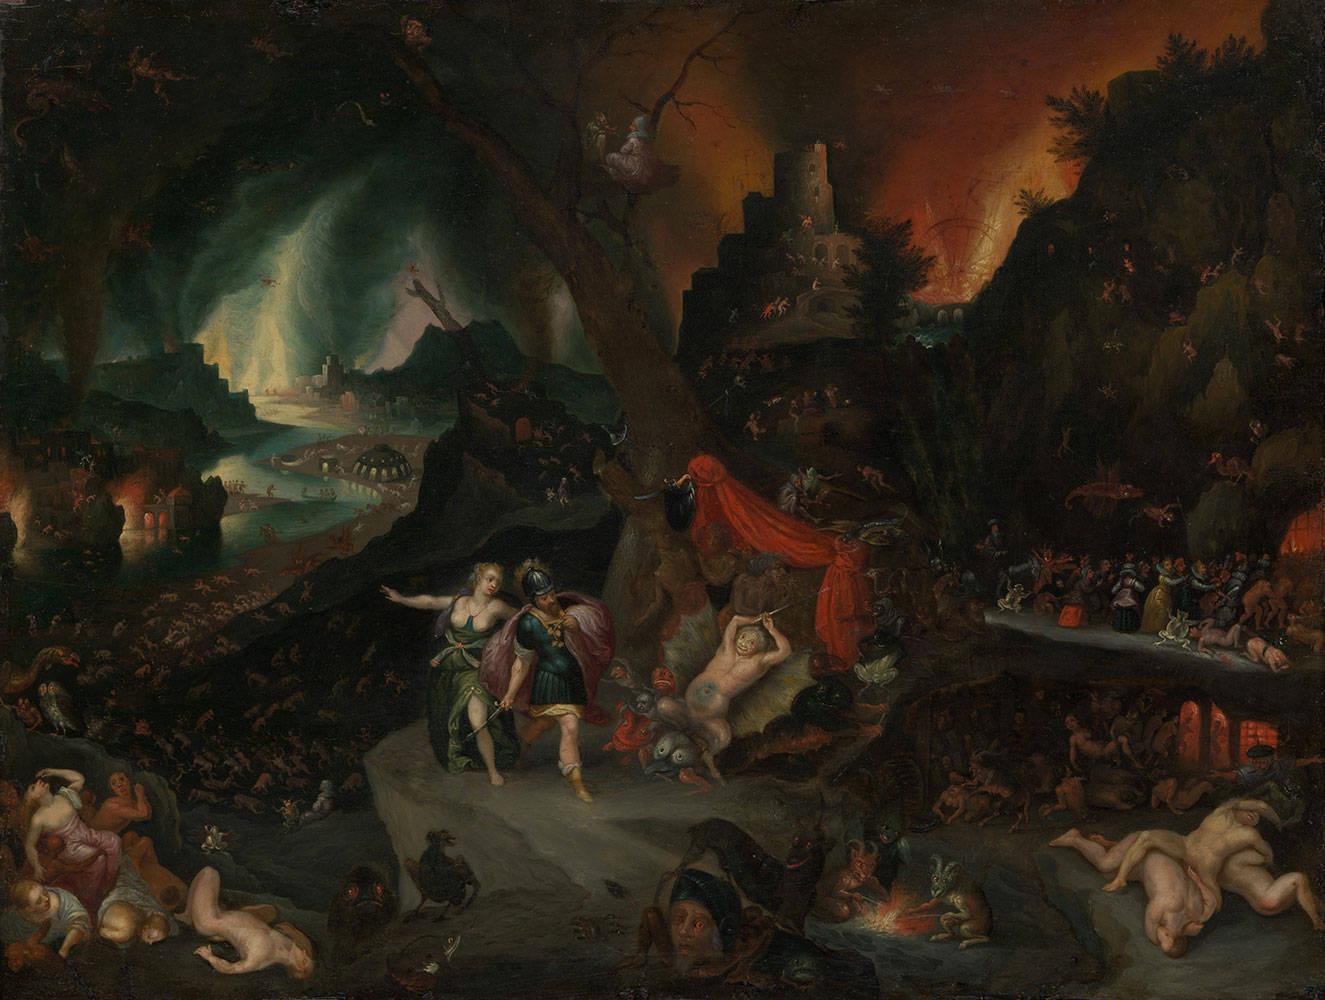 Jan Brueghel der jüngere: Aeneas und die Sibylle in der